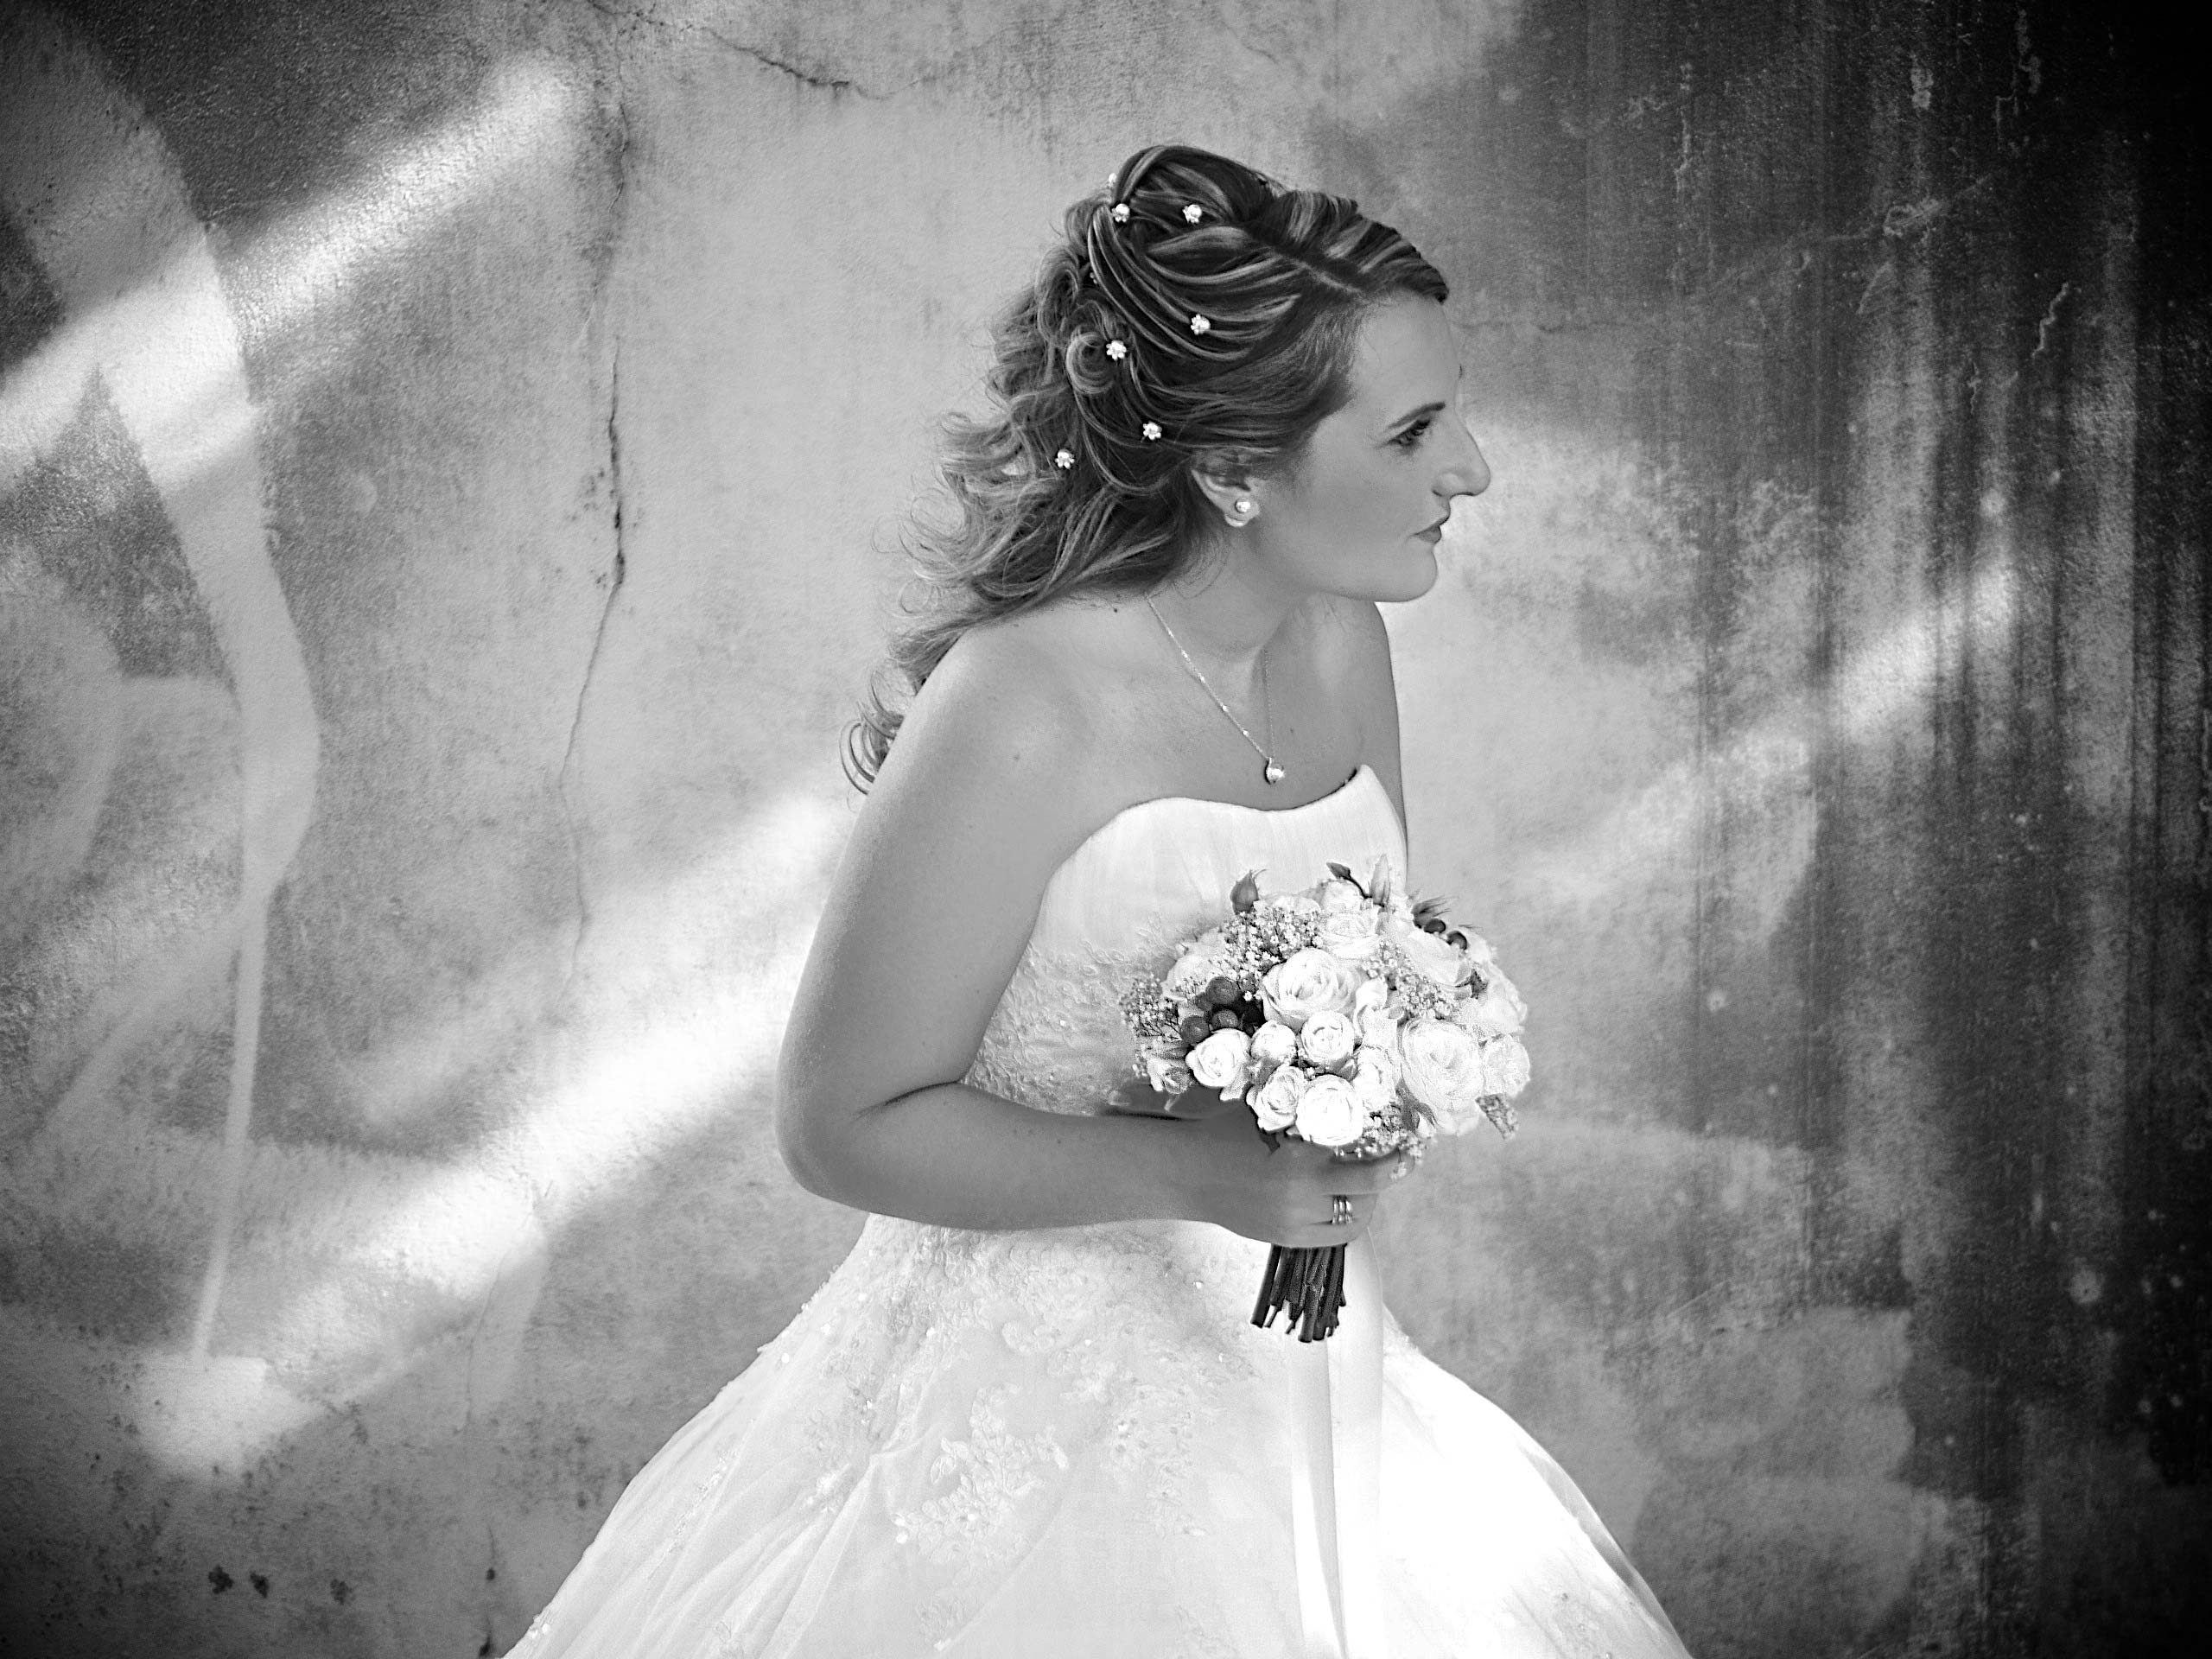 lifestyle photographe mariage bayonne - 10